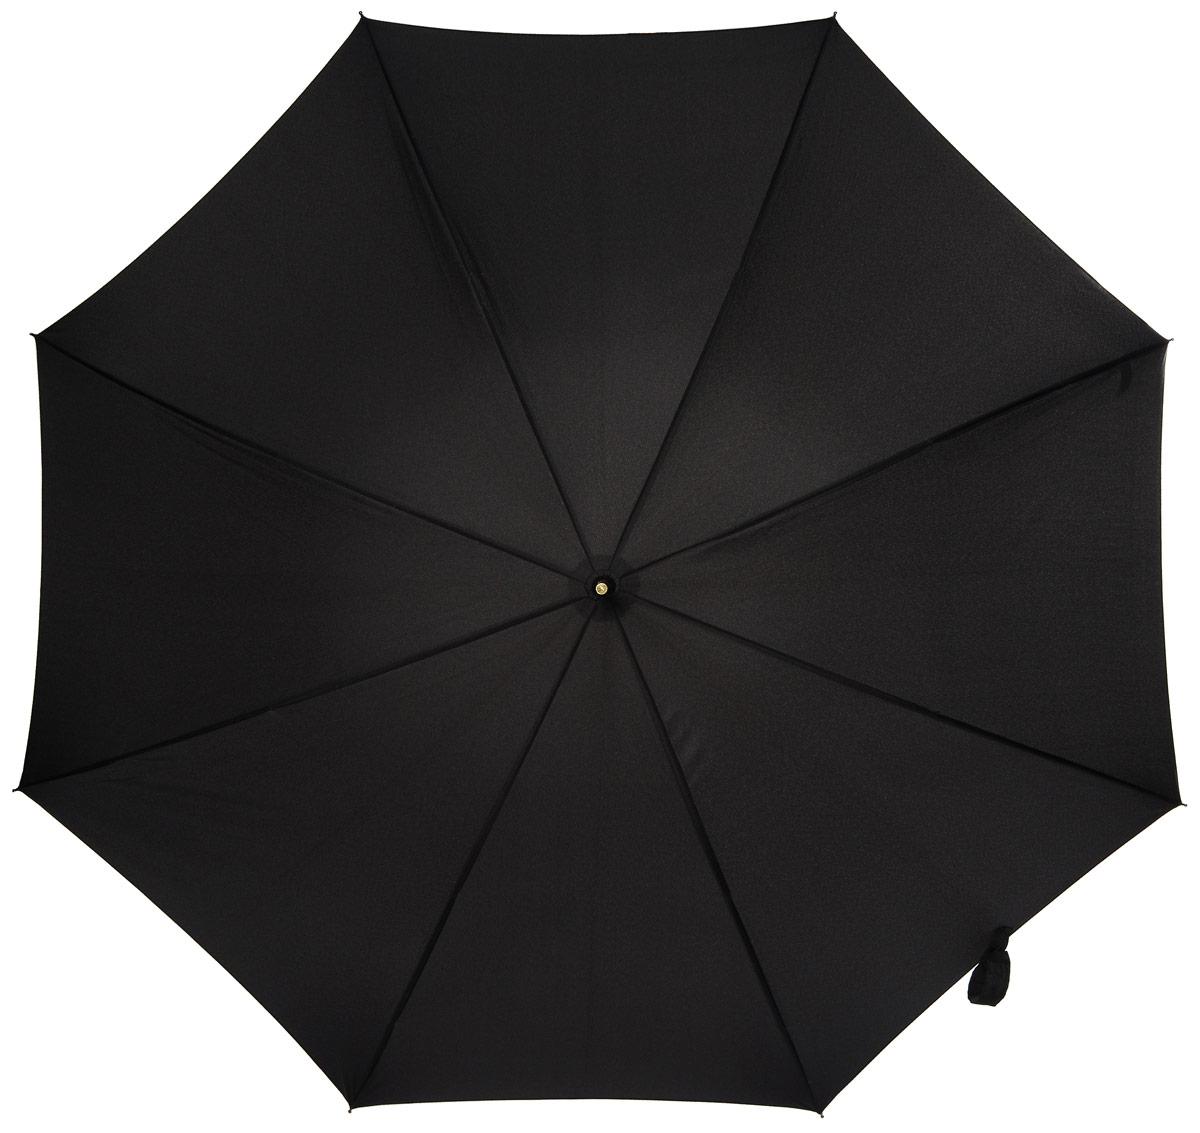 Зонт-трость мужской Fulton, механика, цвет: черный. G808-01G808-01 BlackКрепкий механический зонт-трость Fulton даже в ненастную погоду позволит вам оставаться стильным.Легкий, но в тоже время прочный и ветроустойчивый каркас из стали состоит из восьми спиц с износостойкими соединениями. Купол зонта выполнен из прочного полиэстера с водоотталкивающей пропиткой. Рукоятка закругленной формы, разработанная с учетом требований эргономики, выполнена из ротанга. Зонт механического сложения: купол открывается и закрывается вручную до характерного щелчка.